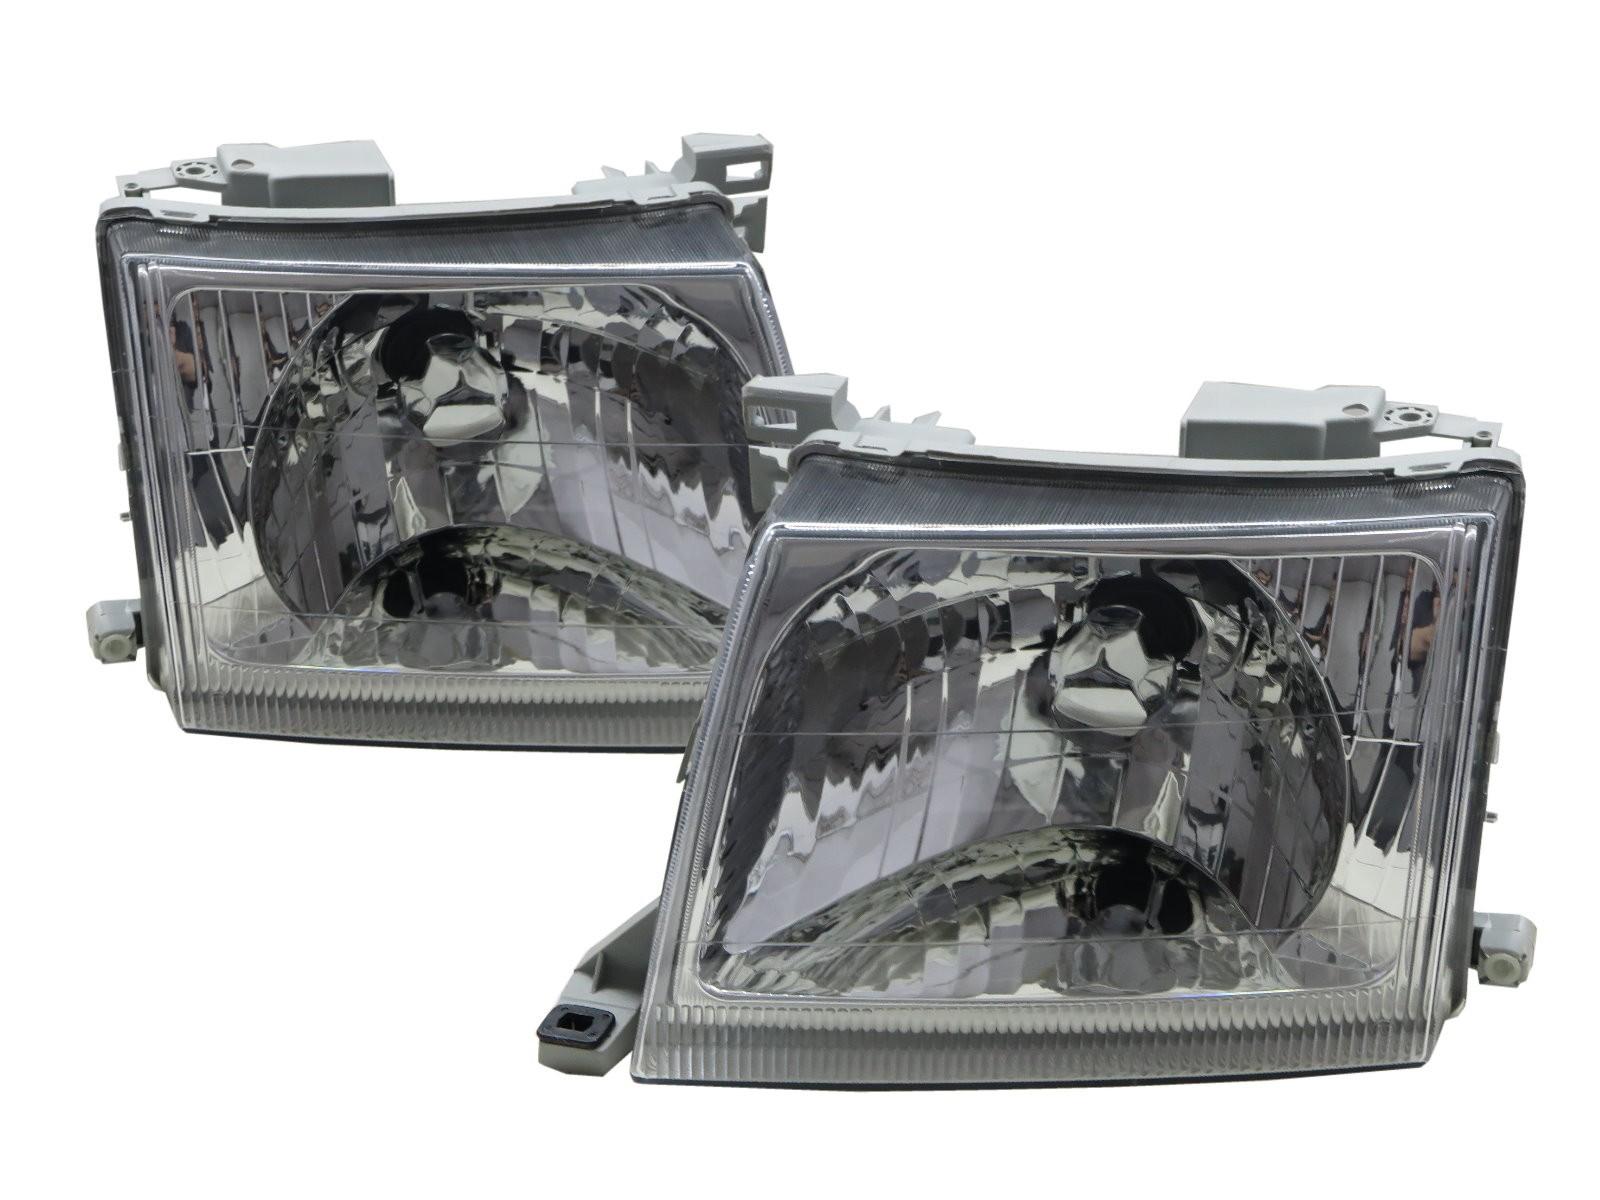 CrazyTheGod Xterra D22 First generation 2000-2001 Facelift Truck 2D/4D Clear Headlight Headlamp Chrome for NISSAN LHD